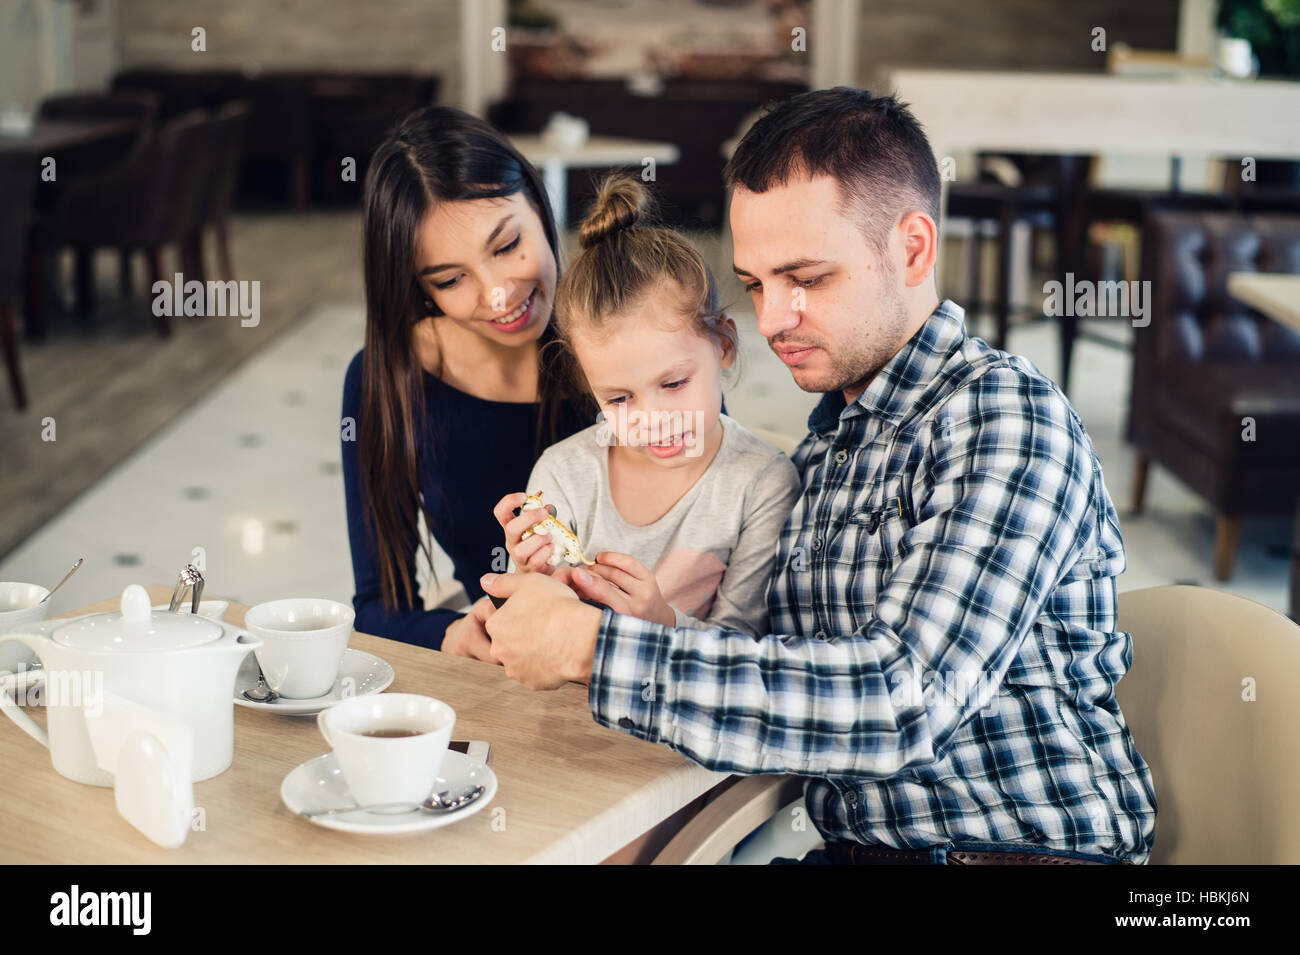 La famille, la parentalité, la technologie les gens heureux concept - mère, père et petite fille Photo Stock